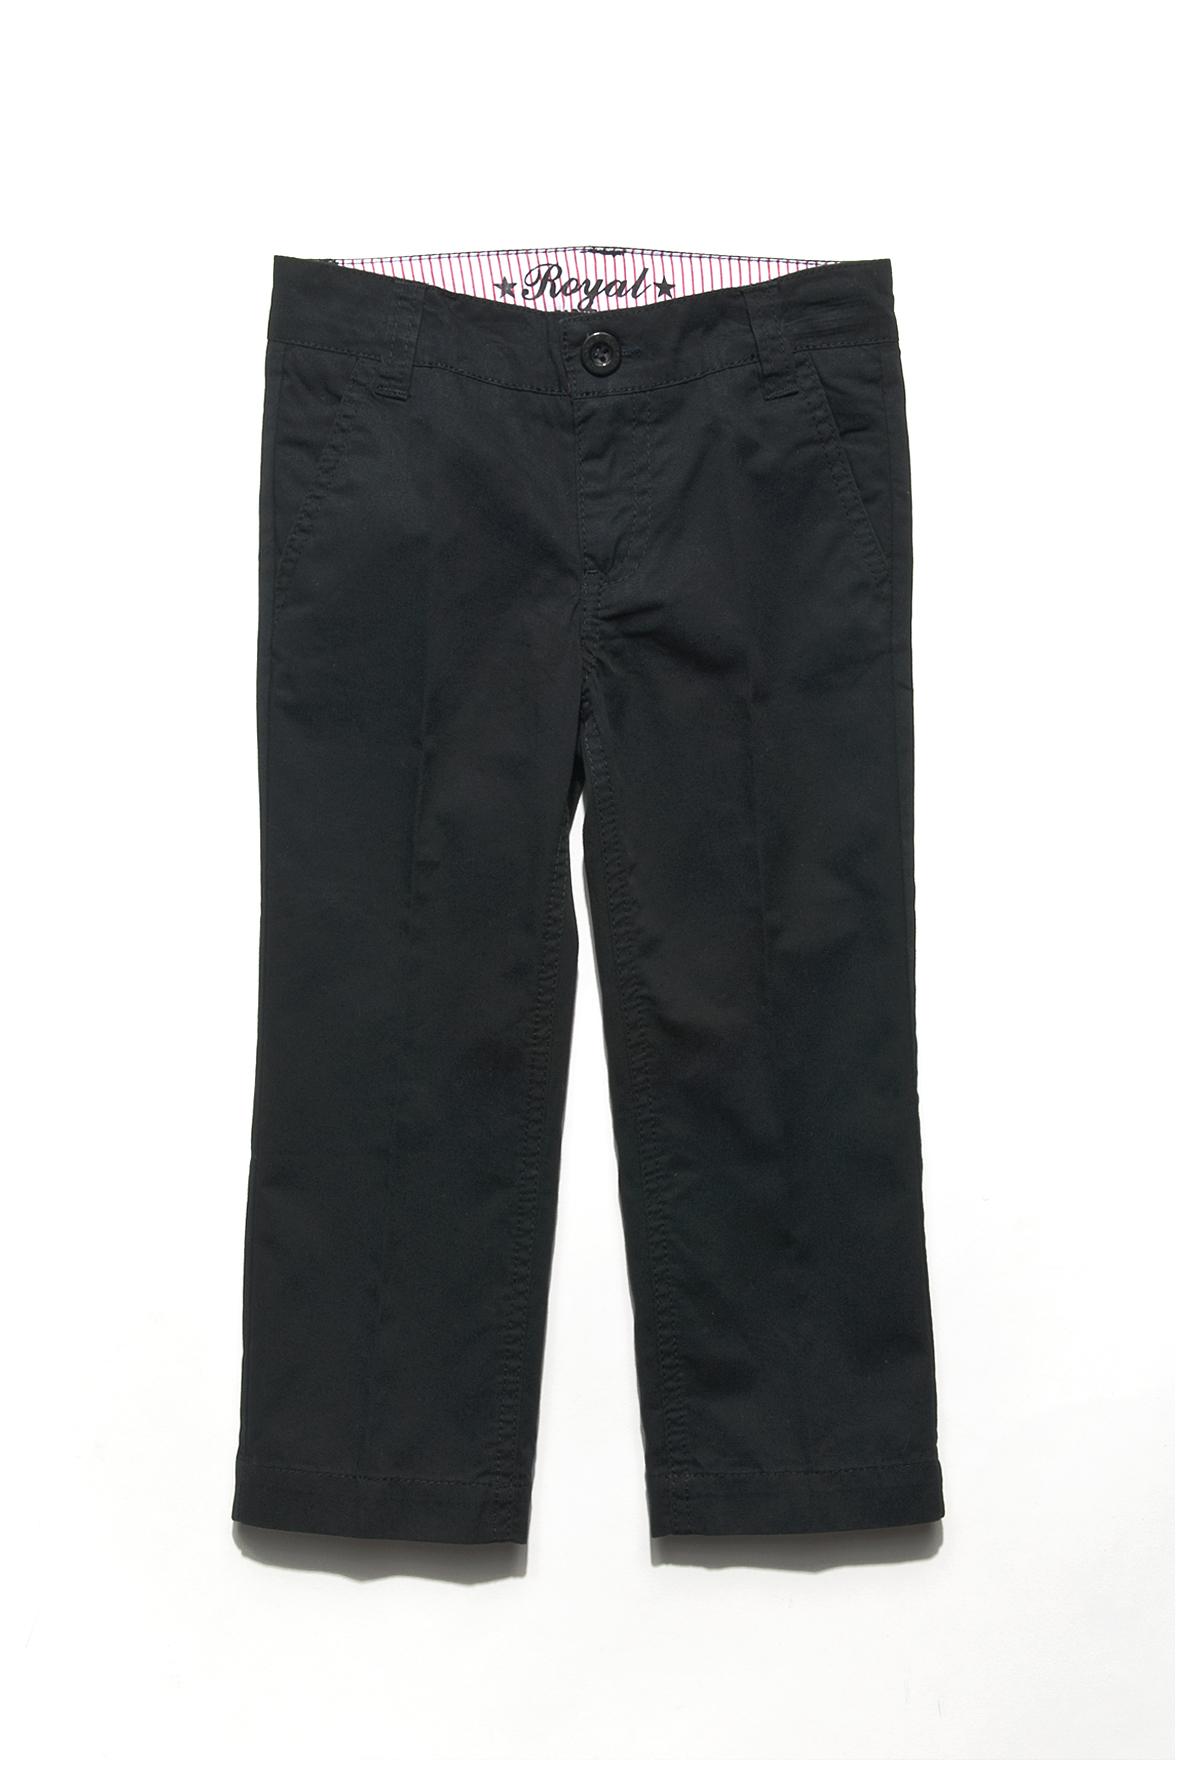 Spodnie chłopięce w kolorze eleganckiej czerni (źródło: www.51015kids.eu)